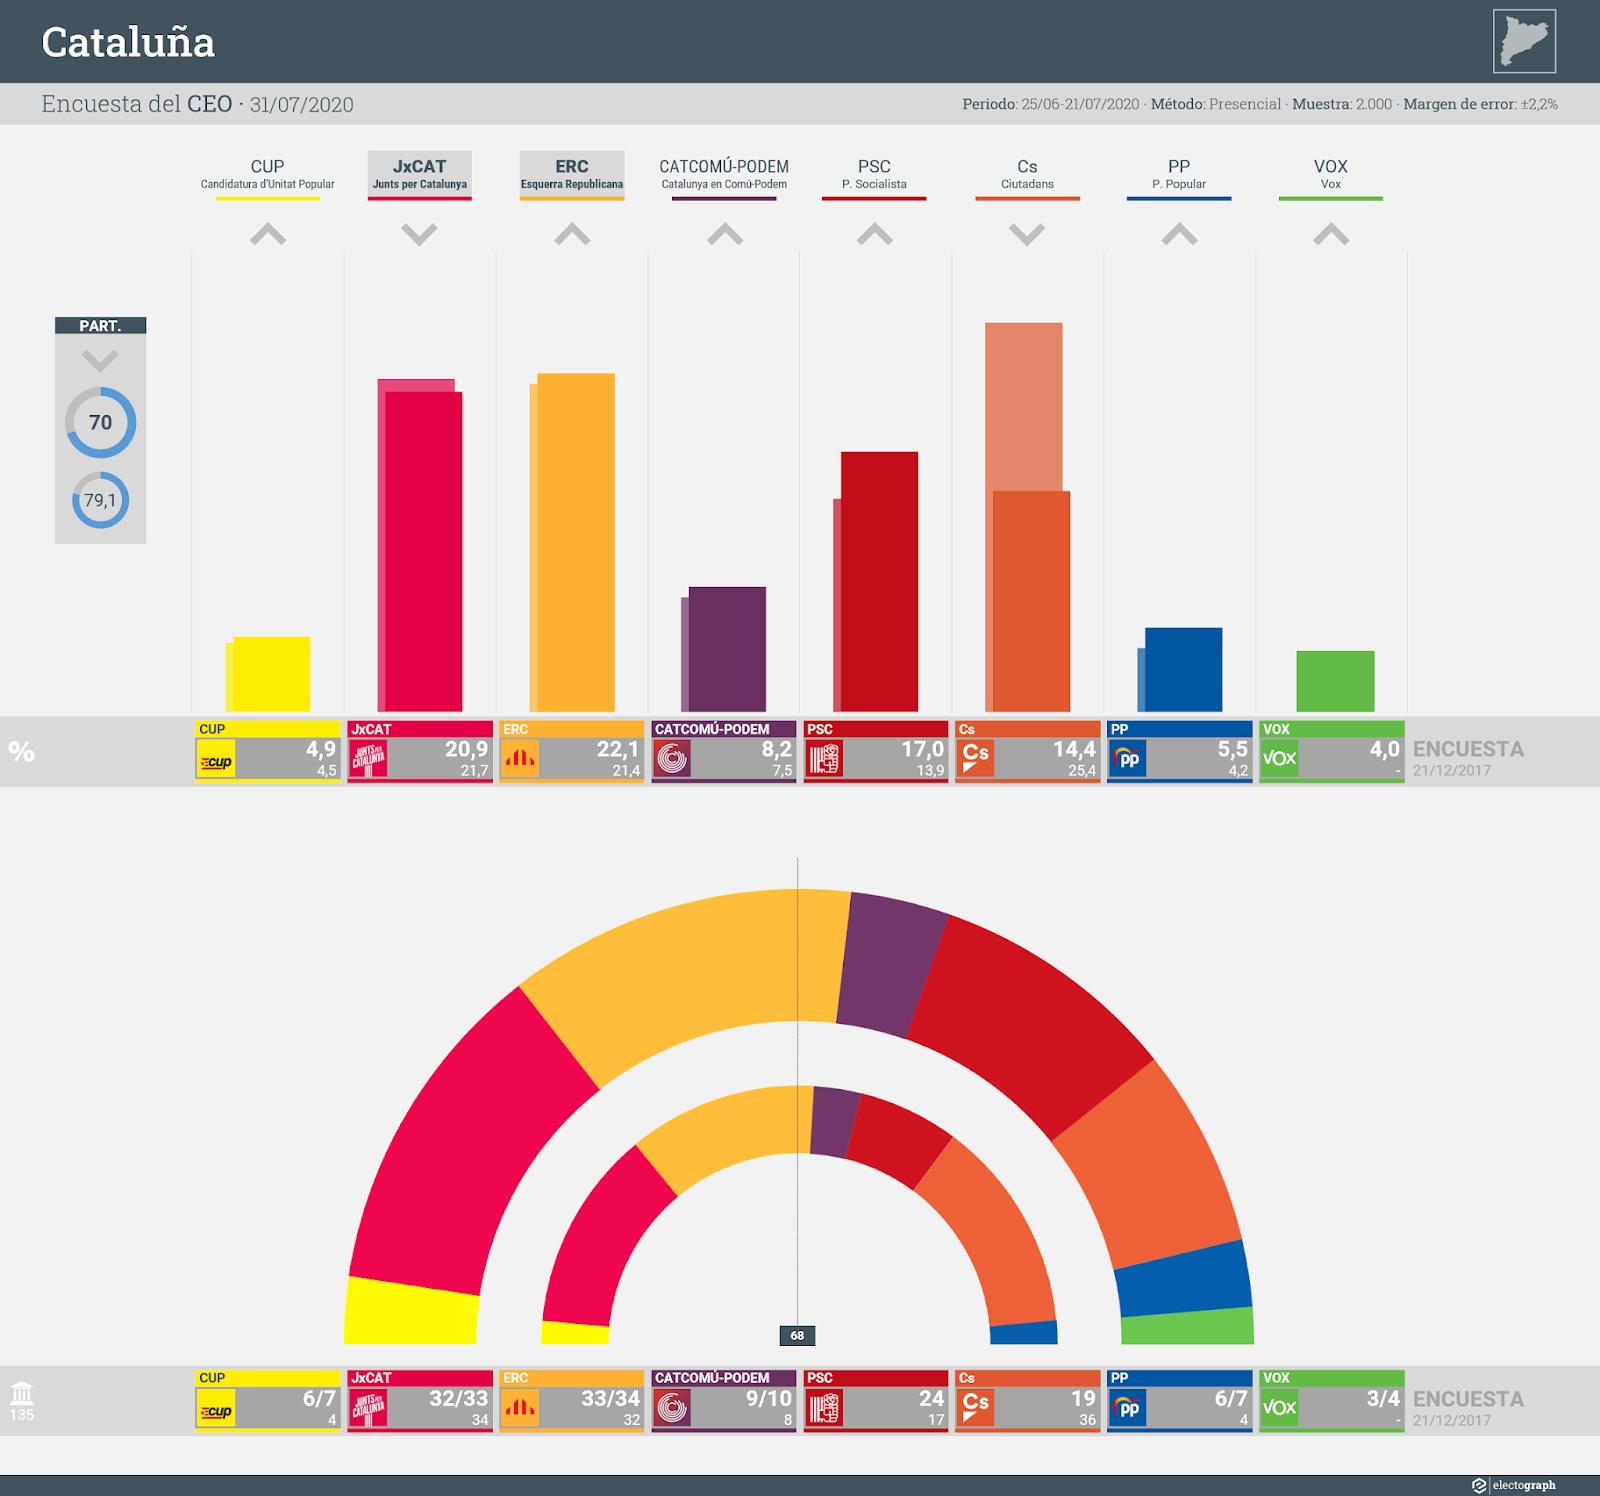 Gráfico de la encuesta para elecciones generales en Cataluña realizada por el CEO y GESOP, 31 de julio de 2020